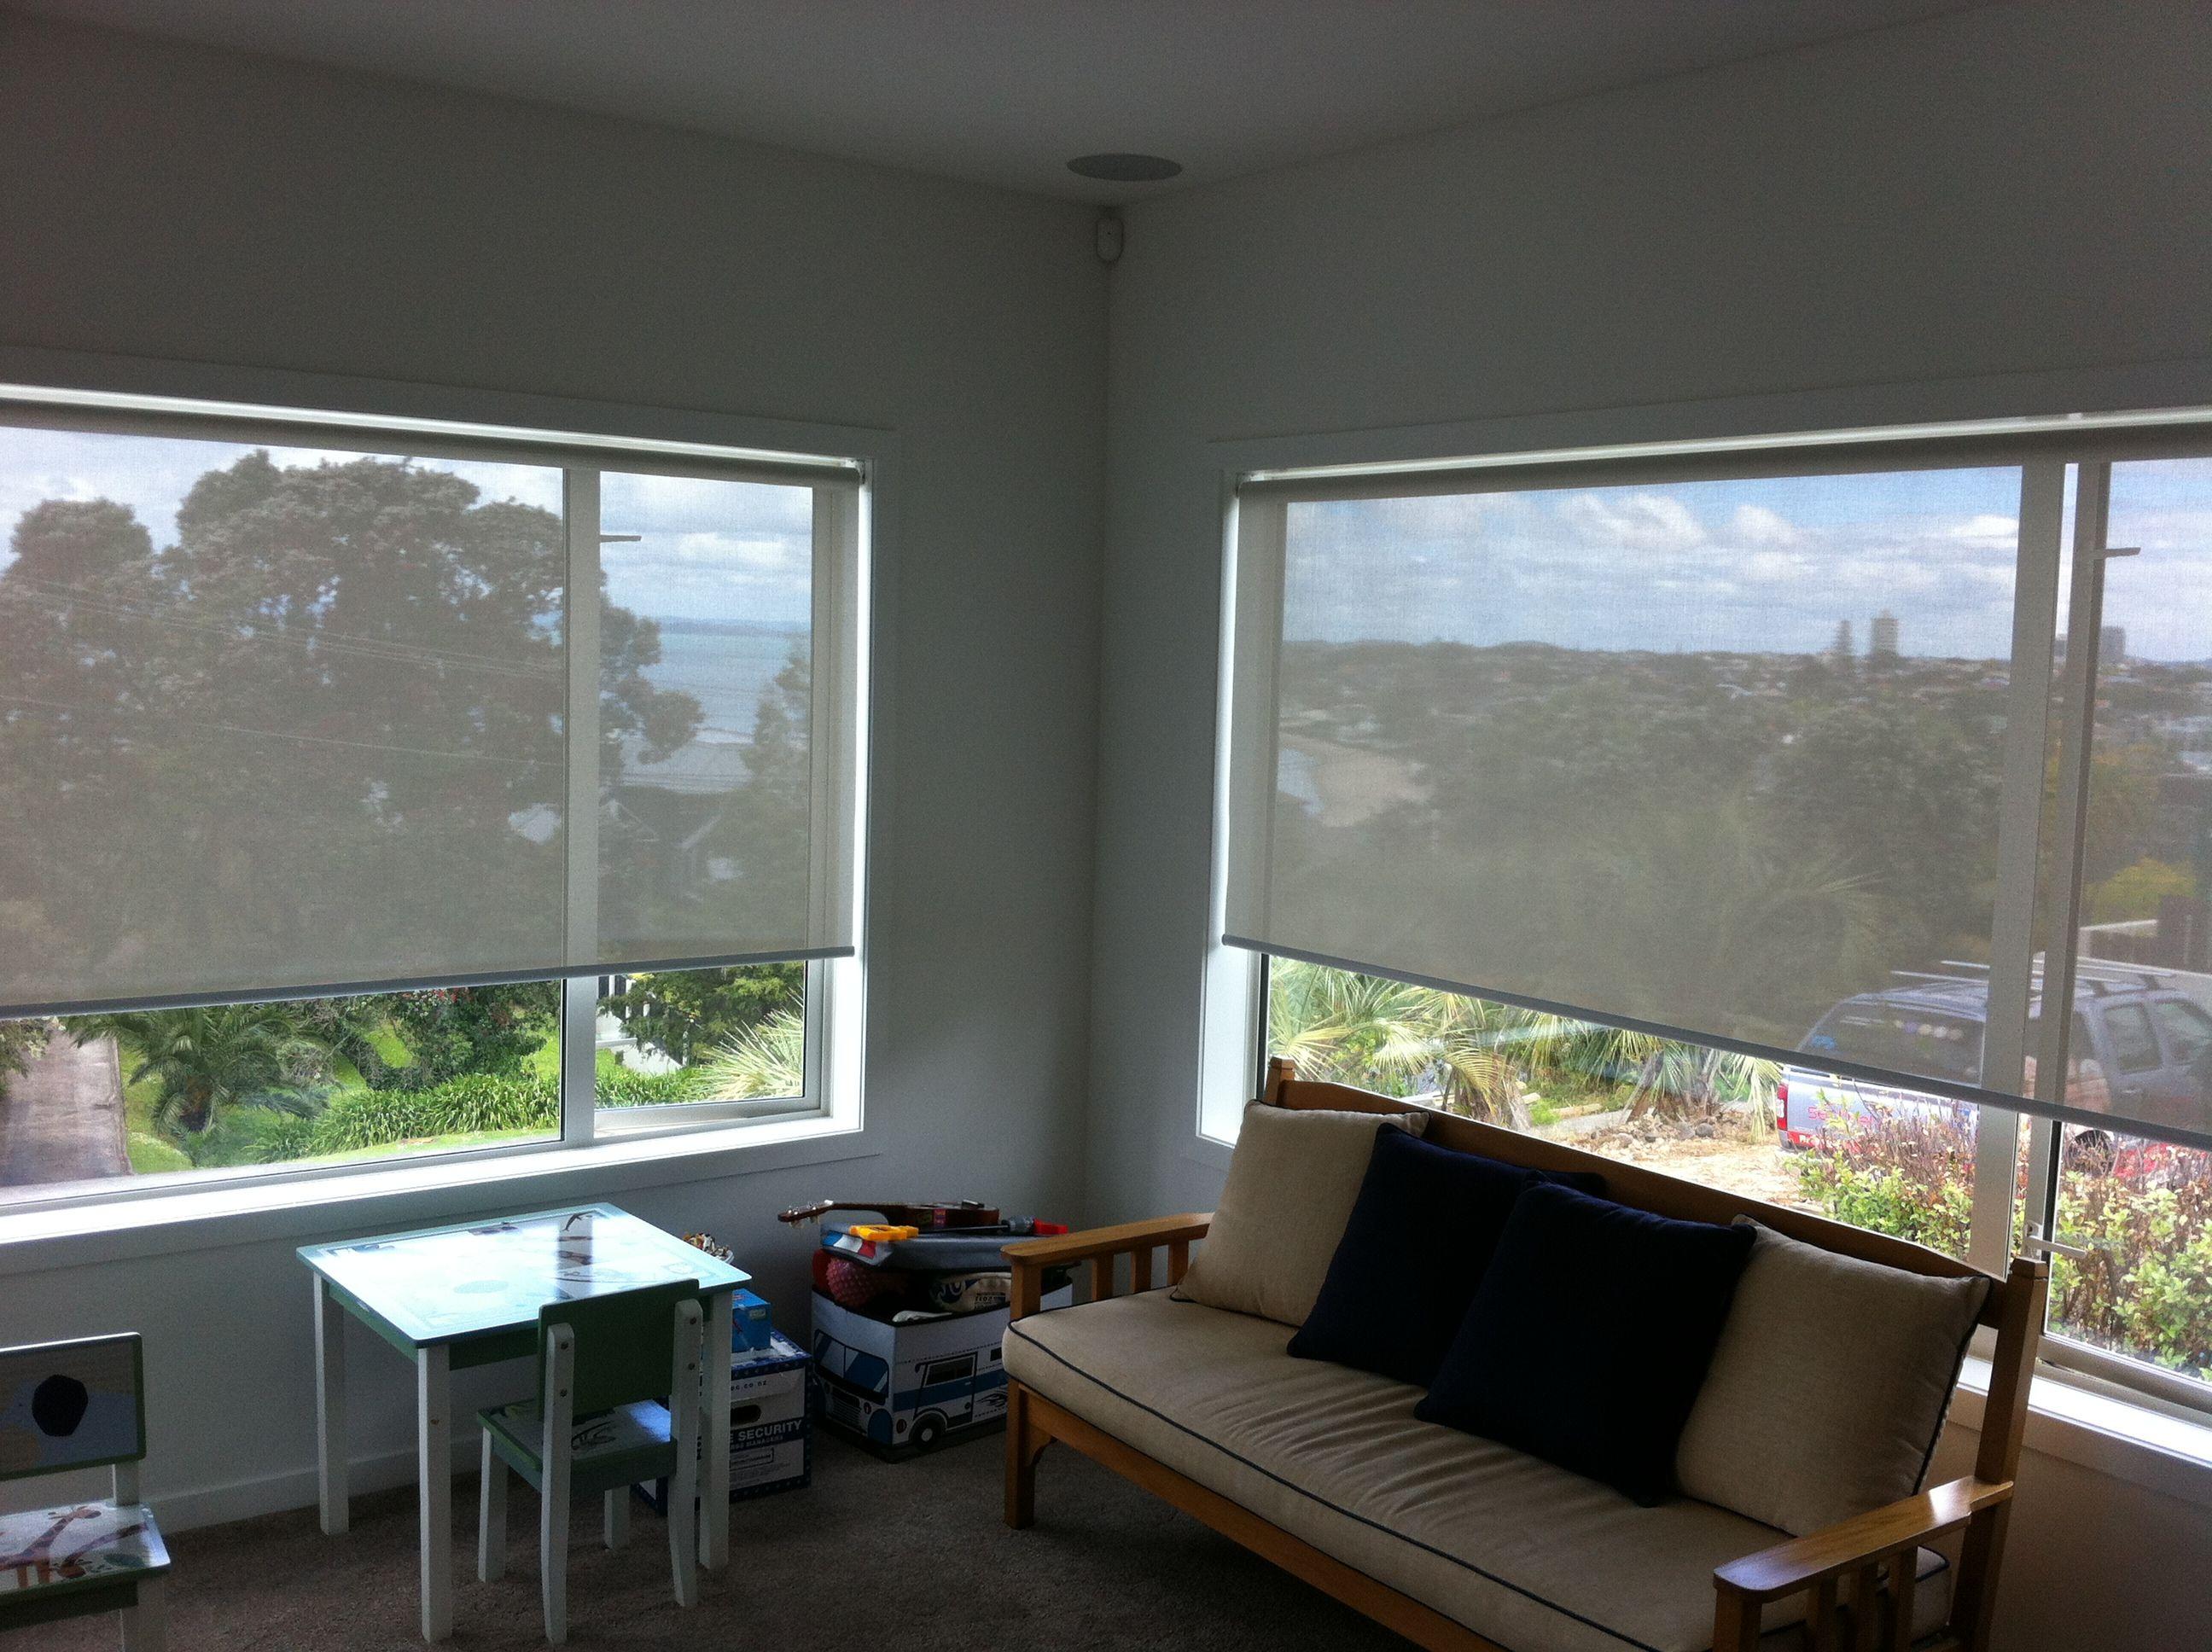 Blinds Online Homebrand Plus Sunscreen Rollerblinds Blindsonline Net Nz Blinds Online Blinds Honeycomb Blinds